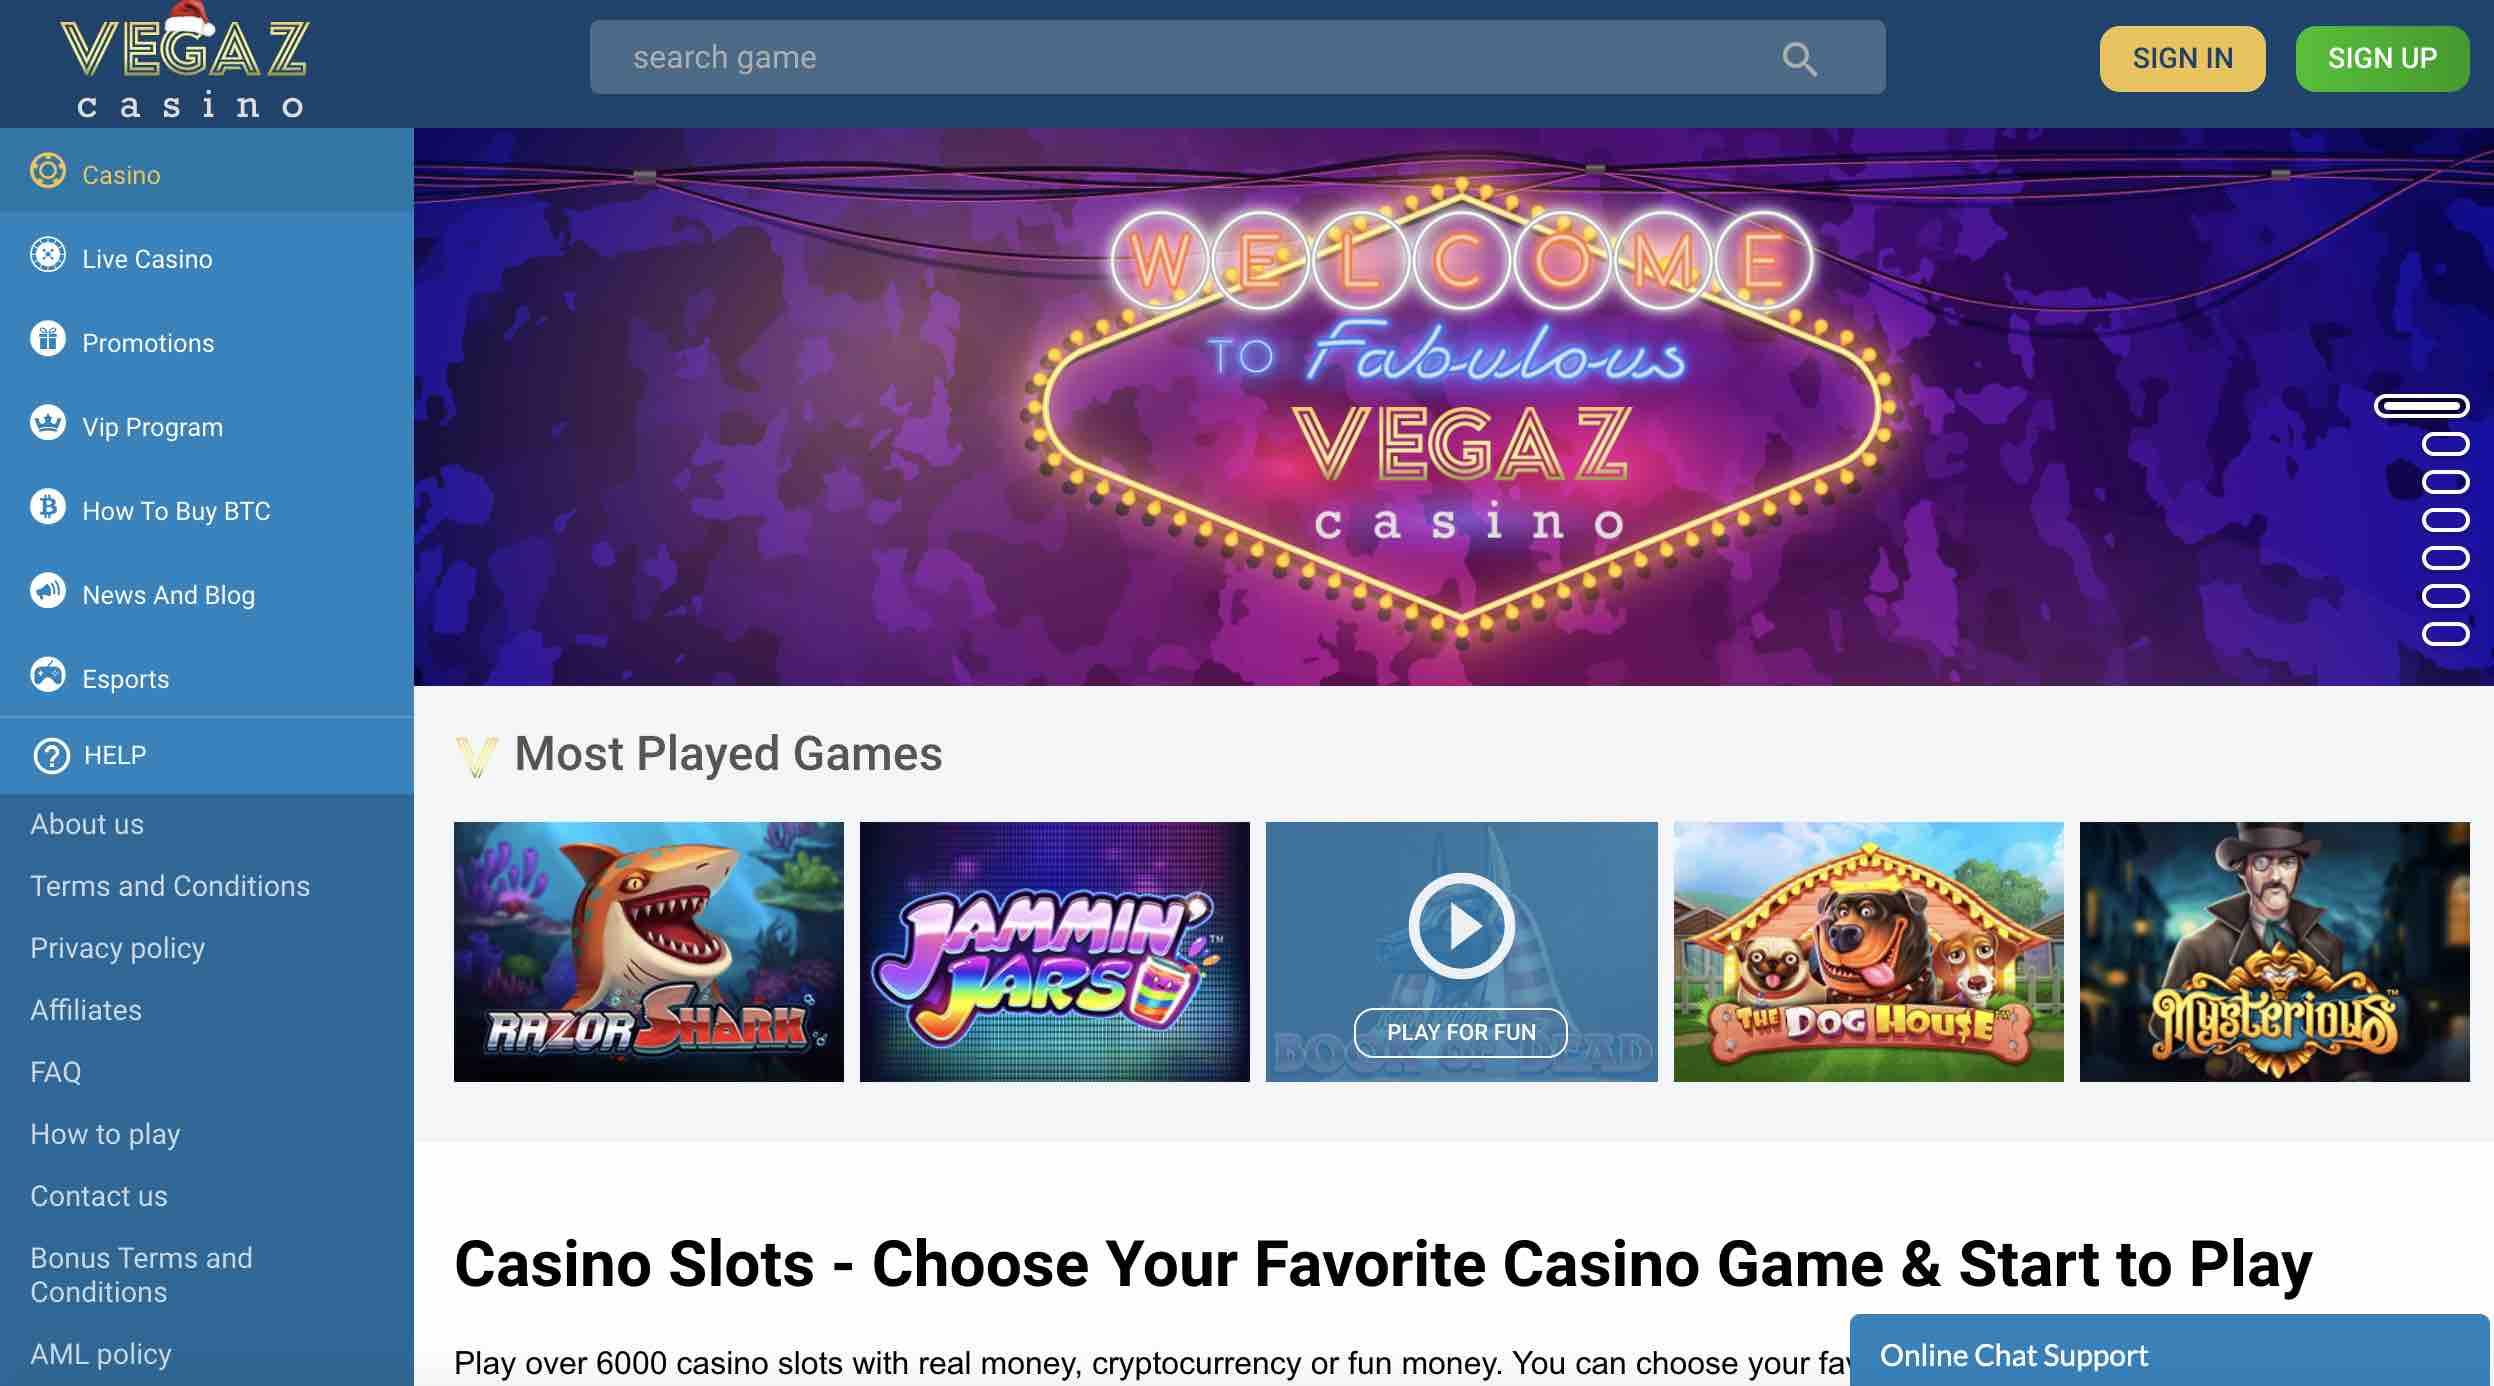 Vegaz Casino Bonuses and More